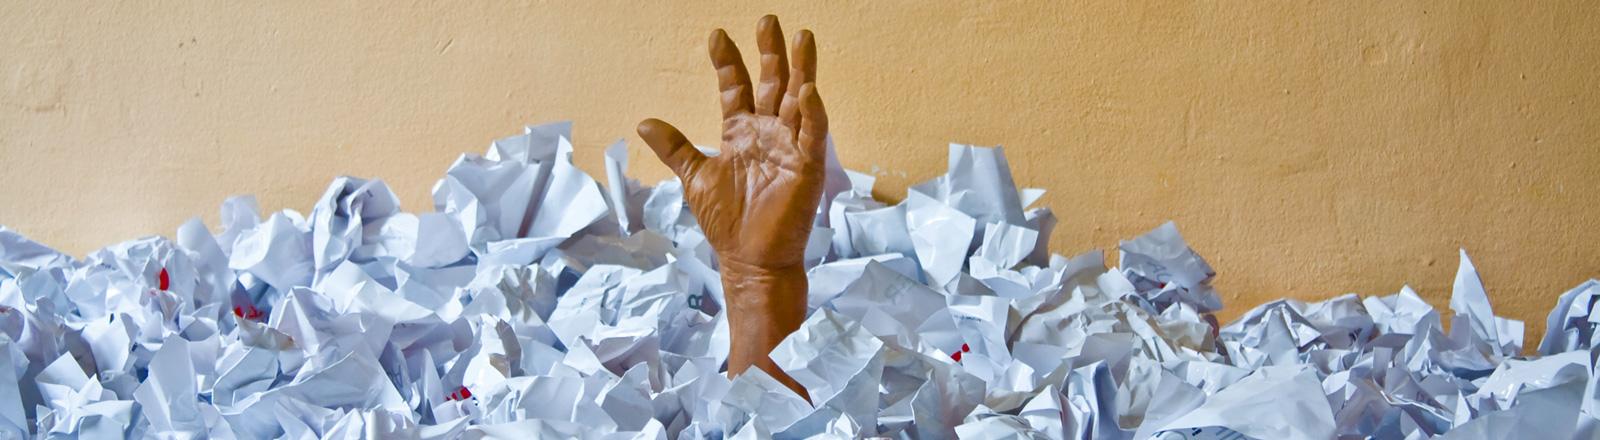 Aus einem Papierberg reckt eine künstliche Hand heraus.